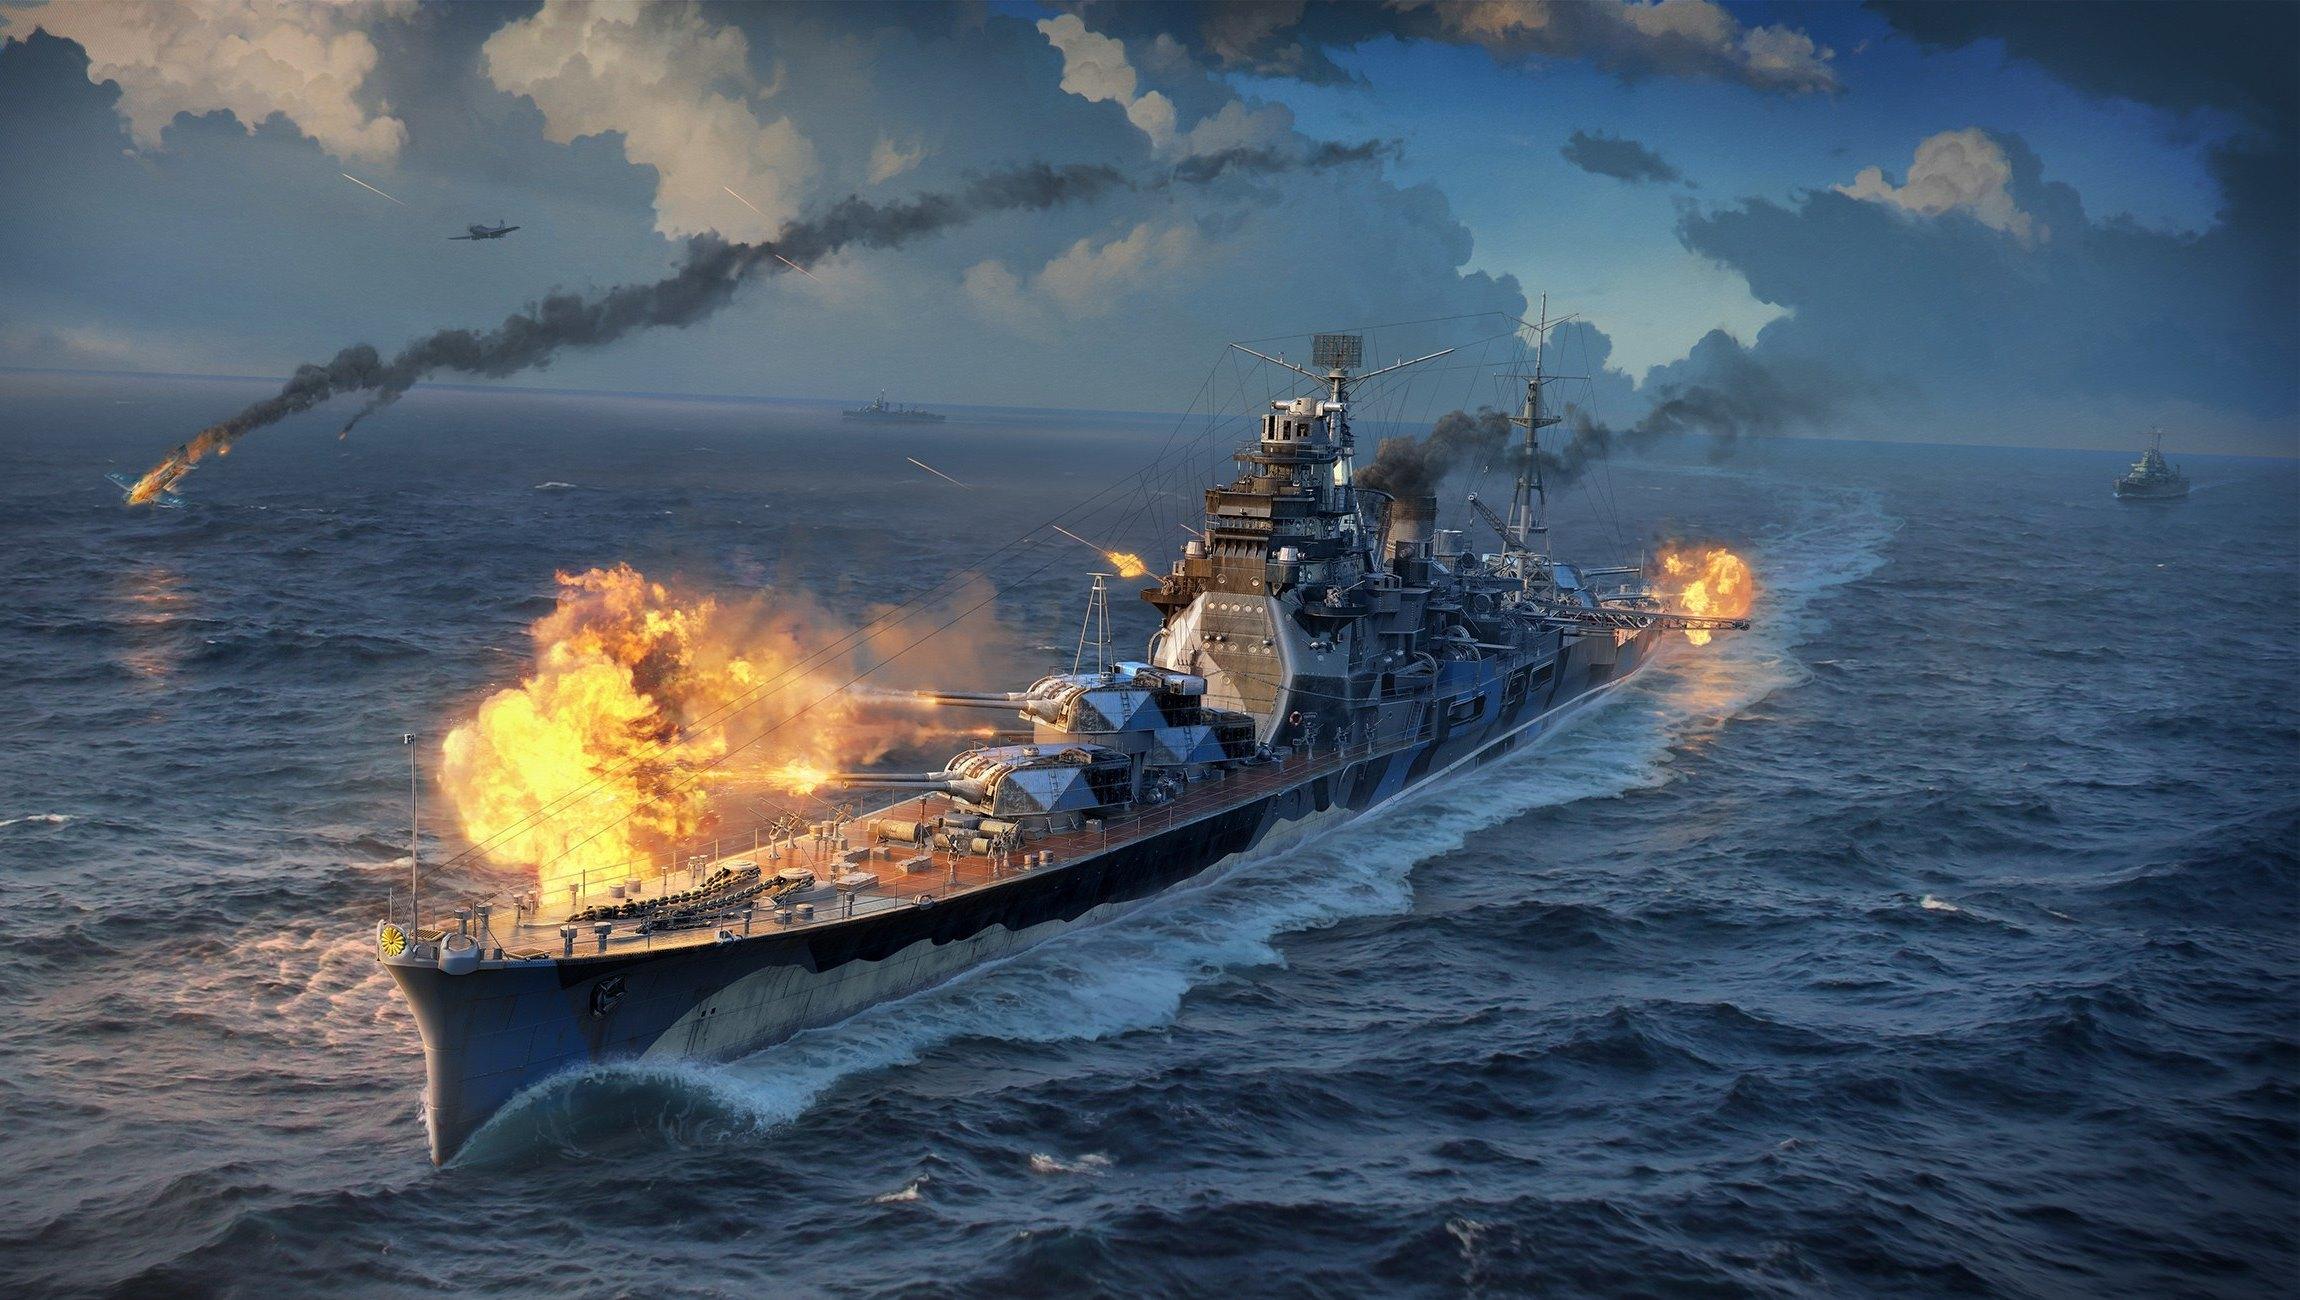 обои для рабочего стола world of warships 1280x1024 № 248336 бесплатно